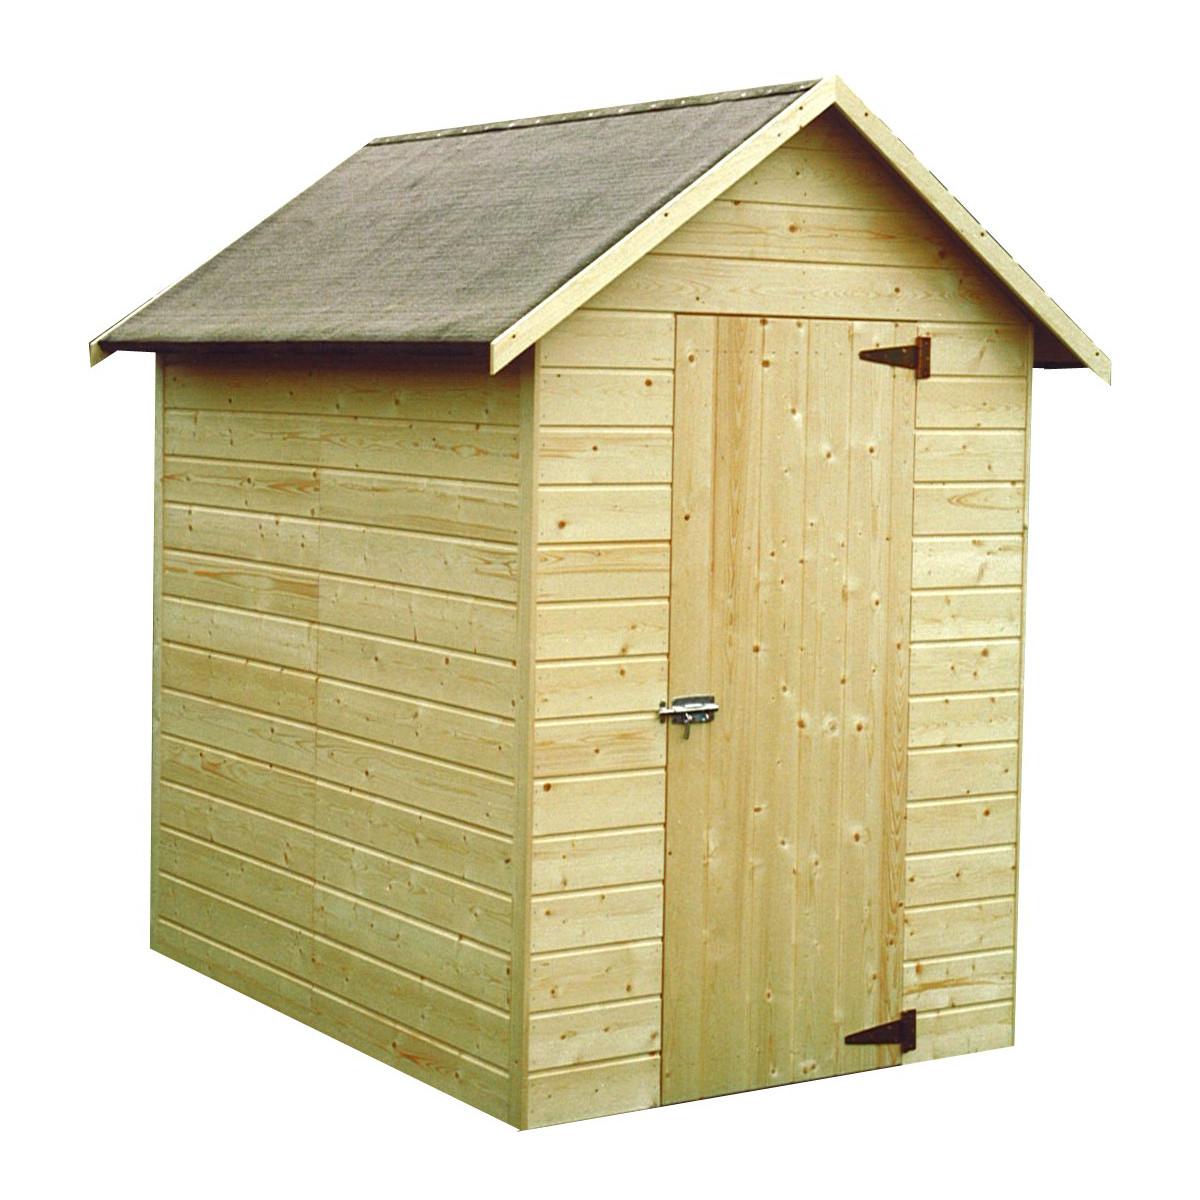 Petite cabane de jardin en bois pas cher for Cabane de jardin